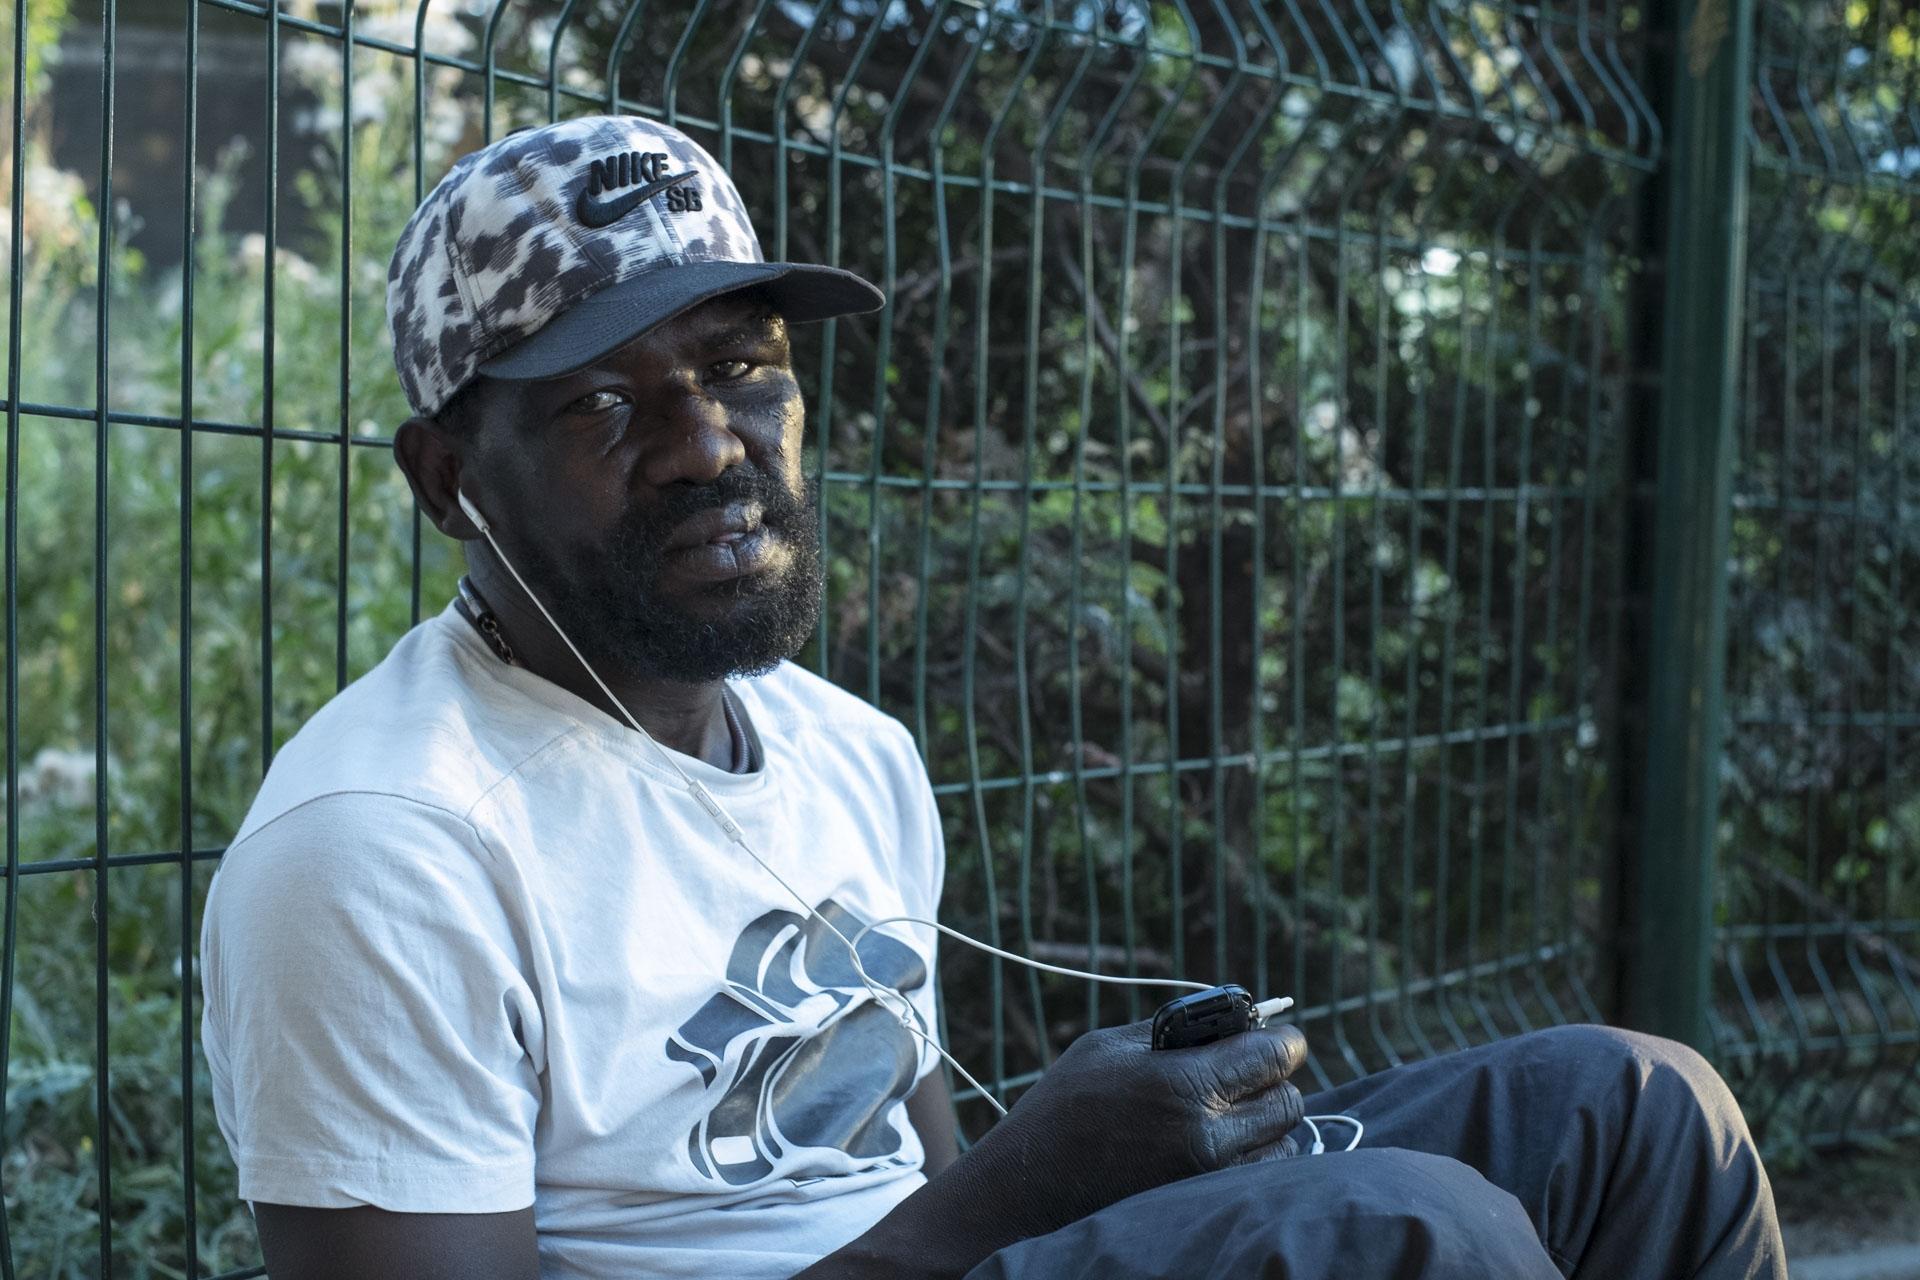 Fuyant la guerre civile en Sierra Leone , Diallo arrive en Europe à 20 ans. Il parle au moins dix langues, dont le français, l'anglais, le malinké, le peul, le lélé, le soussou, le wolof, le bambara. À 21 ans, il rencontre une jeune femme qui l'initie au crack. Elle le cuisine aussi, et le vend, mais meurt dans un accident de voiture. Addict et sans-abri, Diallo commence à fréquenter les squats à partir de 2003, dont celui de la rue Myrha dans le XVIIIᵉ. Il retrouve aujourd'hui à la Colline certains de ses compagnons de l'époque. Les autres sont partis ou morts.